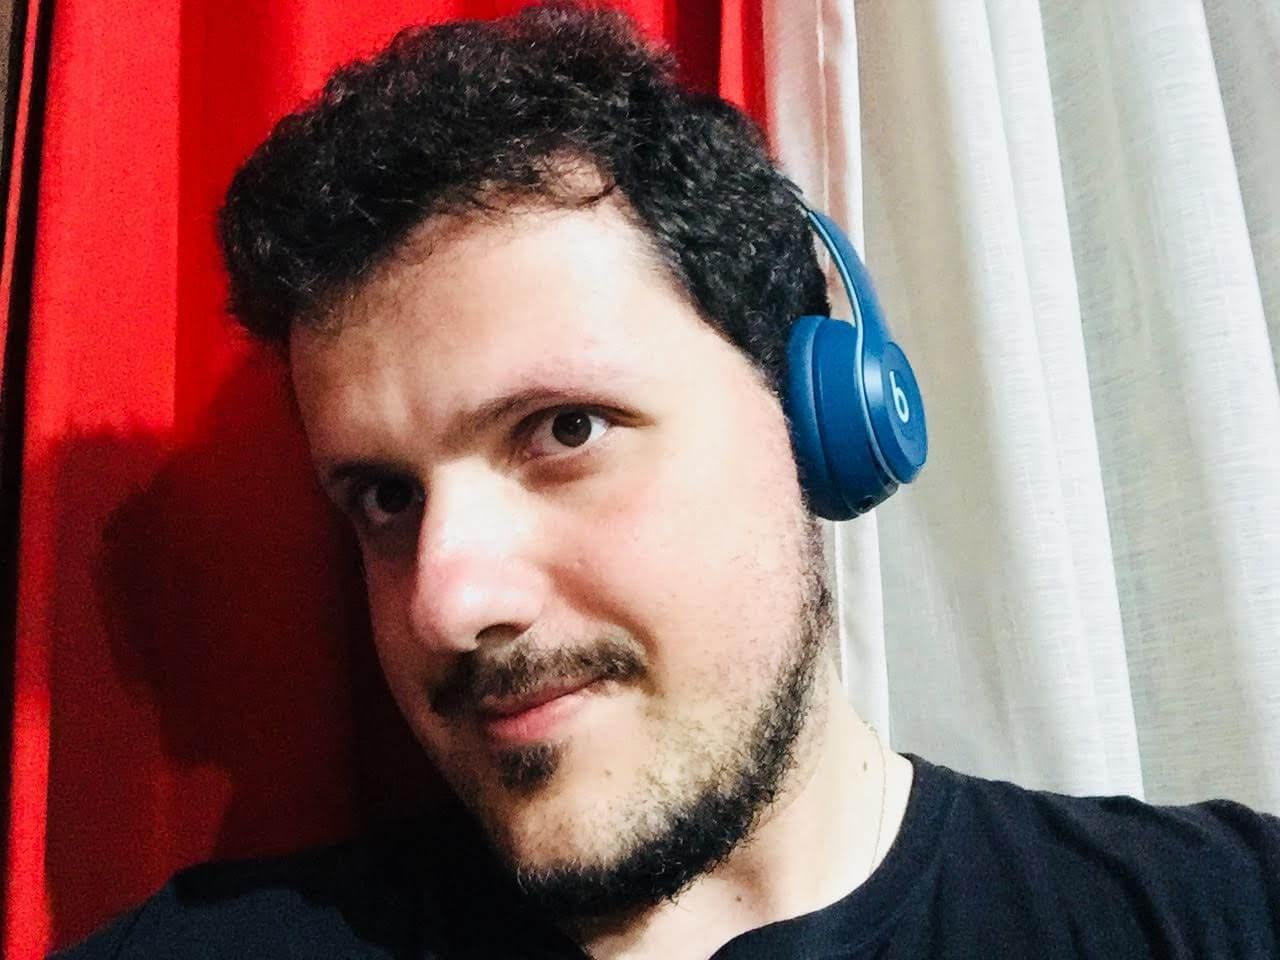 IMG 0445 - Review: Beats Solo3 Wireless, o fone bluetooth para todas as ocasiões